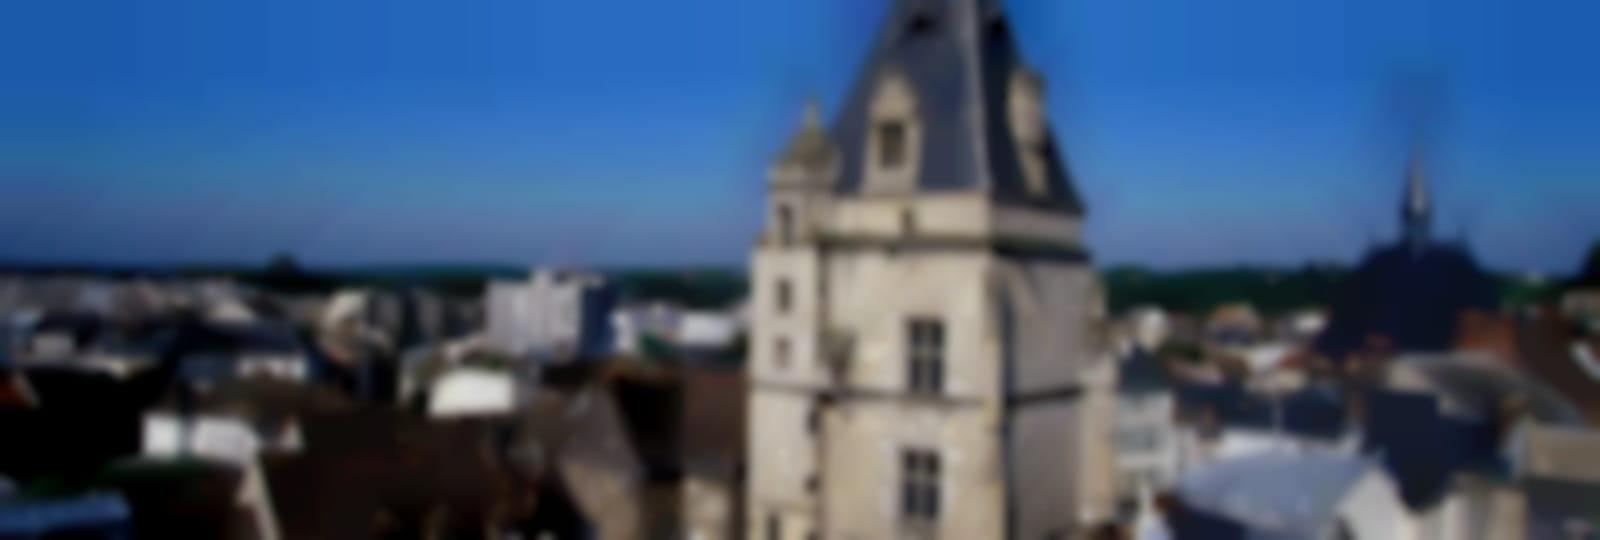 Le Beffroi - Dreux